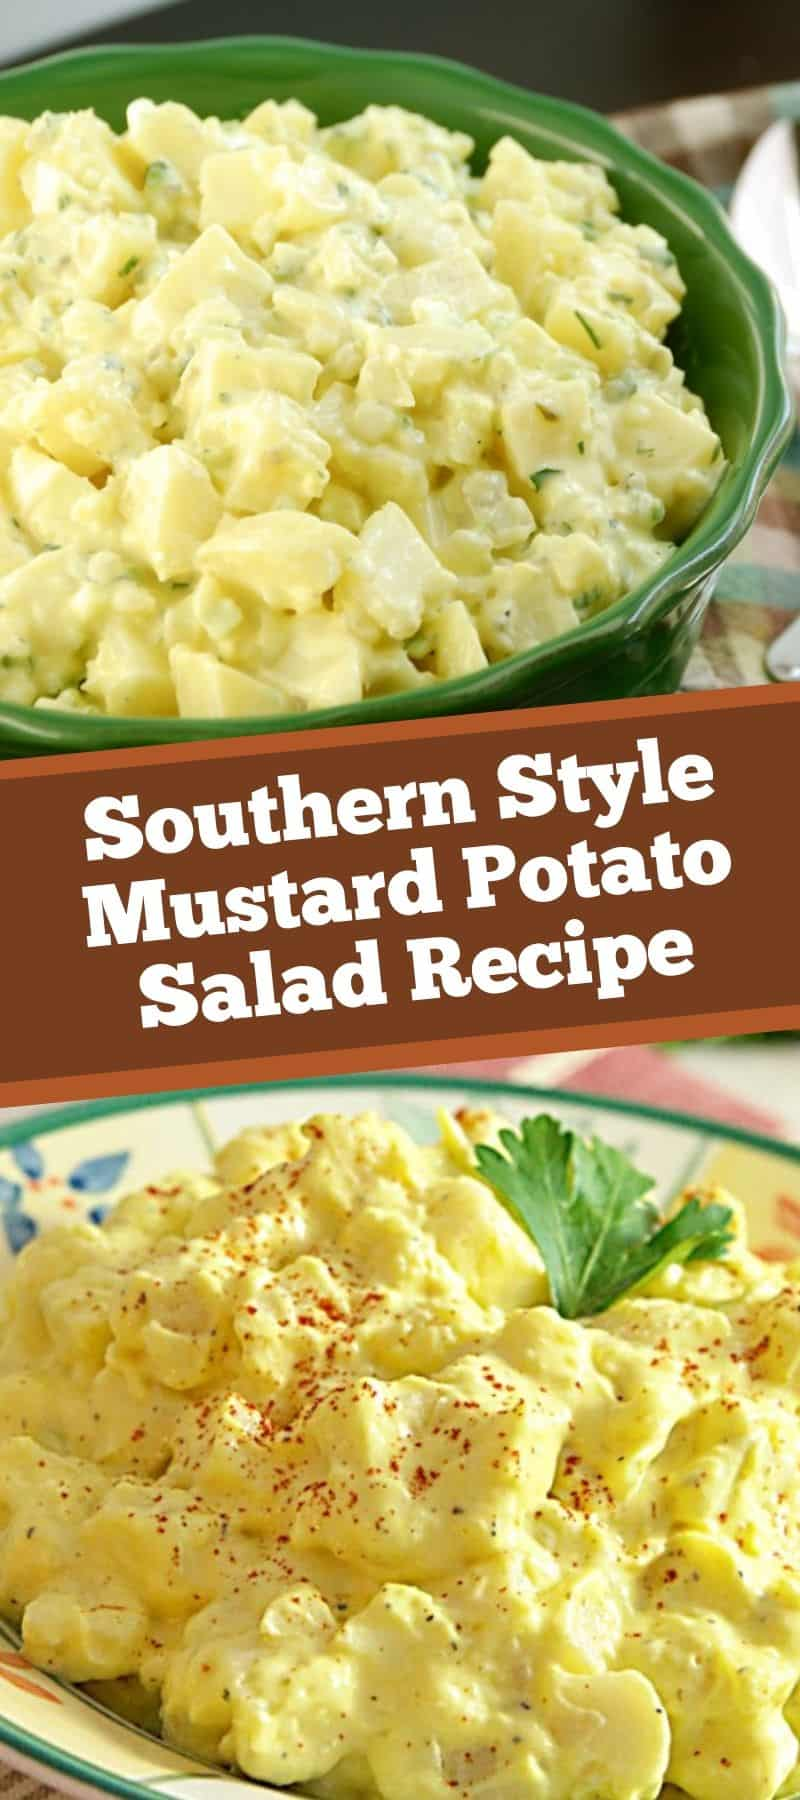 Southern Style Mustard Potato Salad Recipe 3